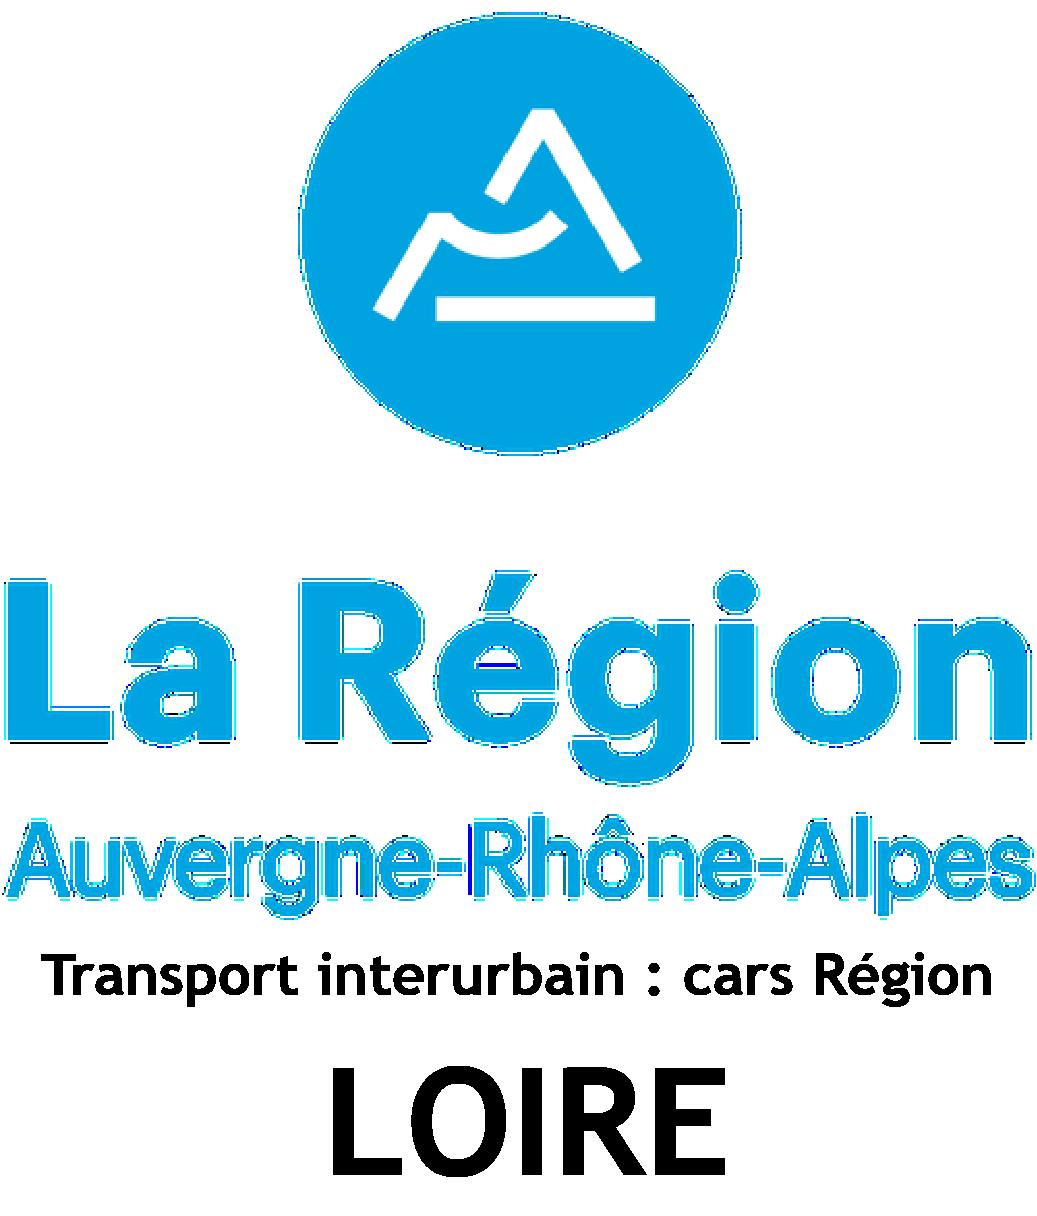 Région Auvergne Rhône Alpes : Loire